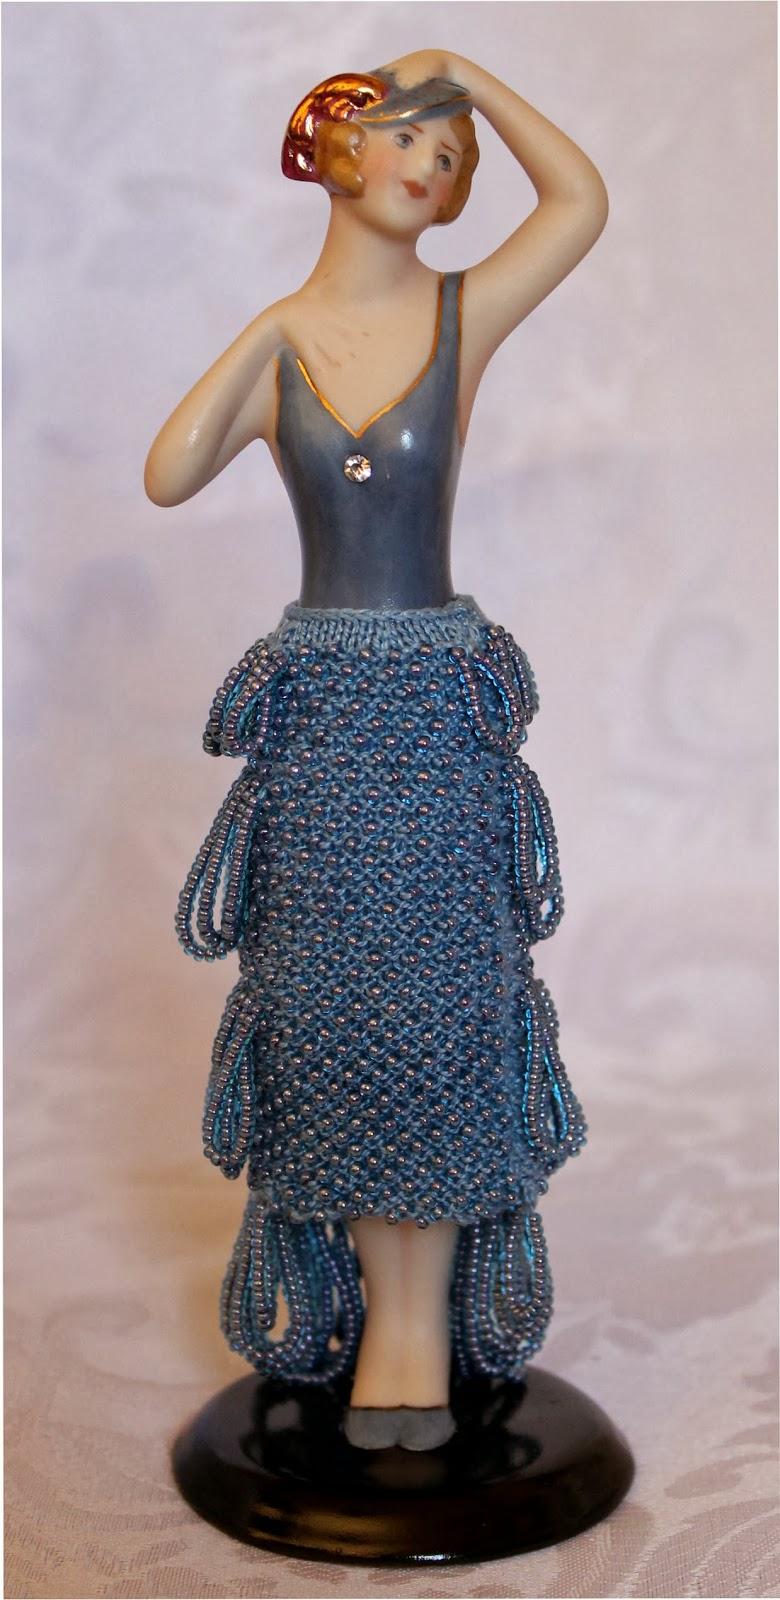 Beaded Knitting Patterns Half Dolls : Beading Belles: Beaded Skirt for Half Doll Sadie